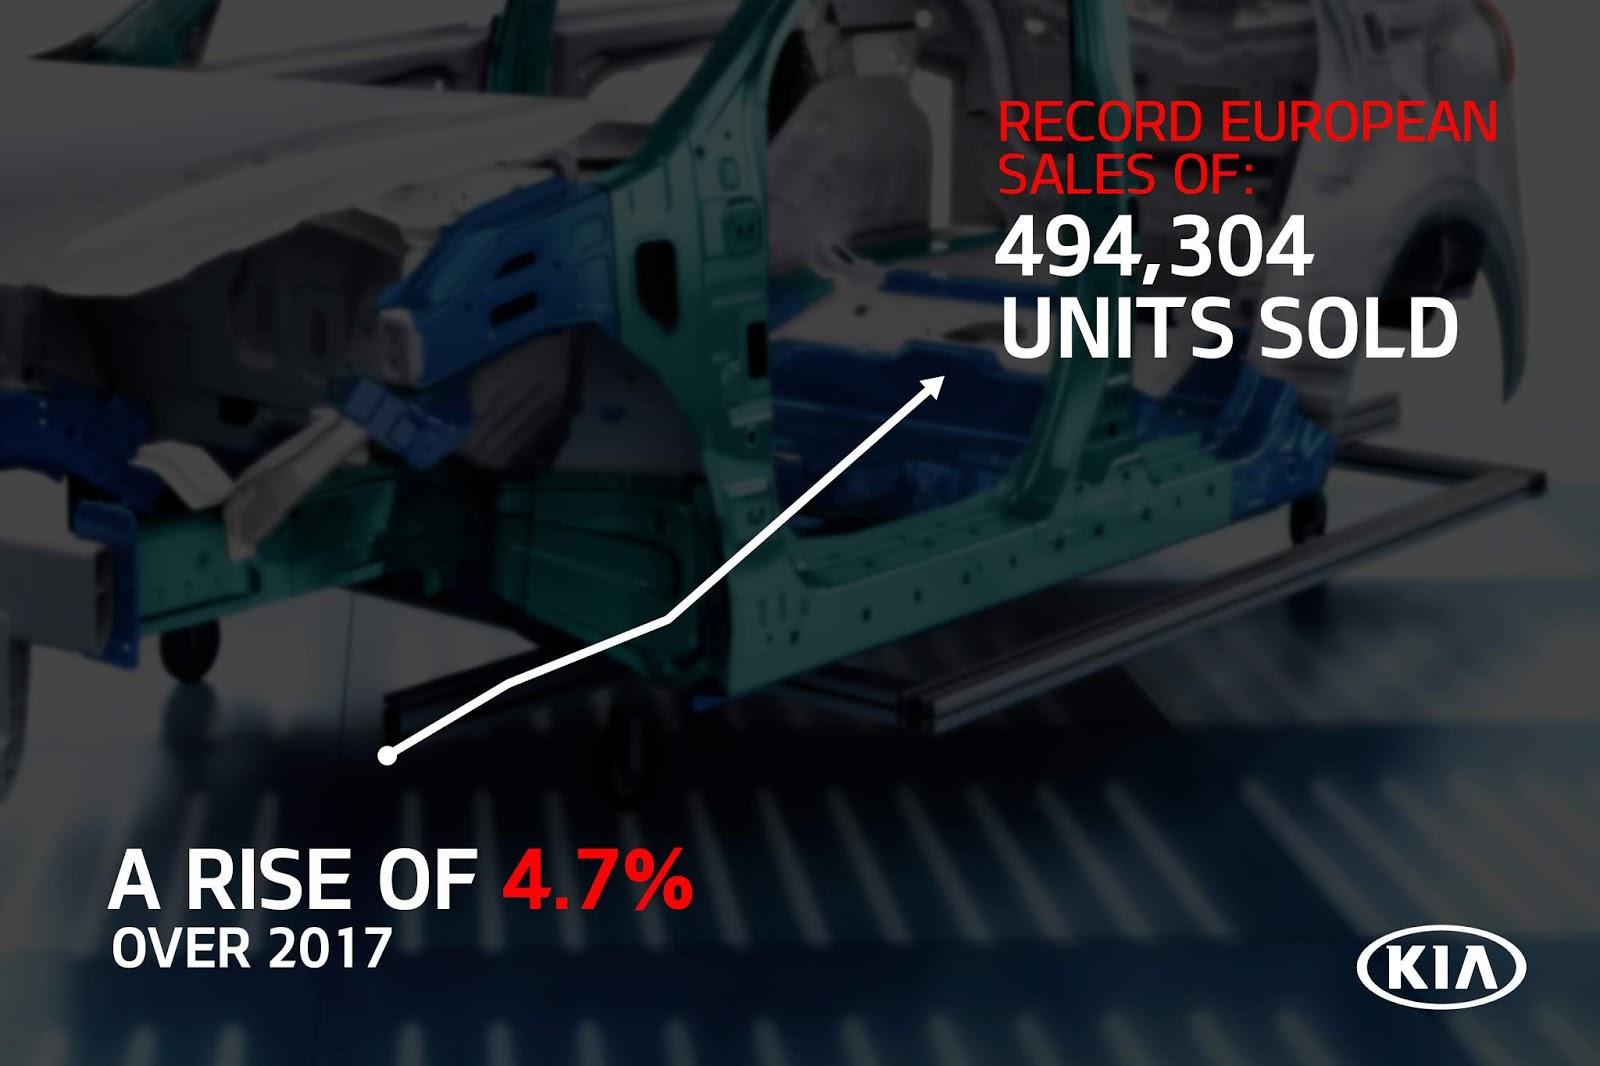 Kia1 92% αύξησε το μερίδιό της στην ελληνική αγορά η Kia Kia, αγορά, πωλήσεις, πωλήσεις αυτοκινήτων